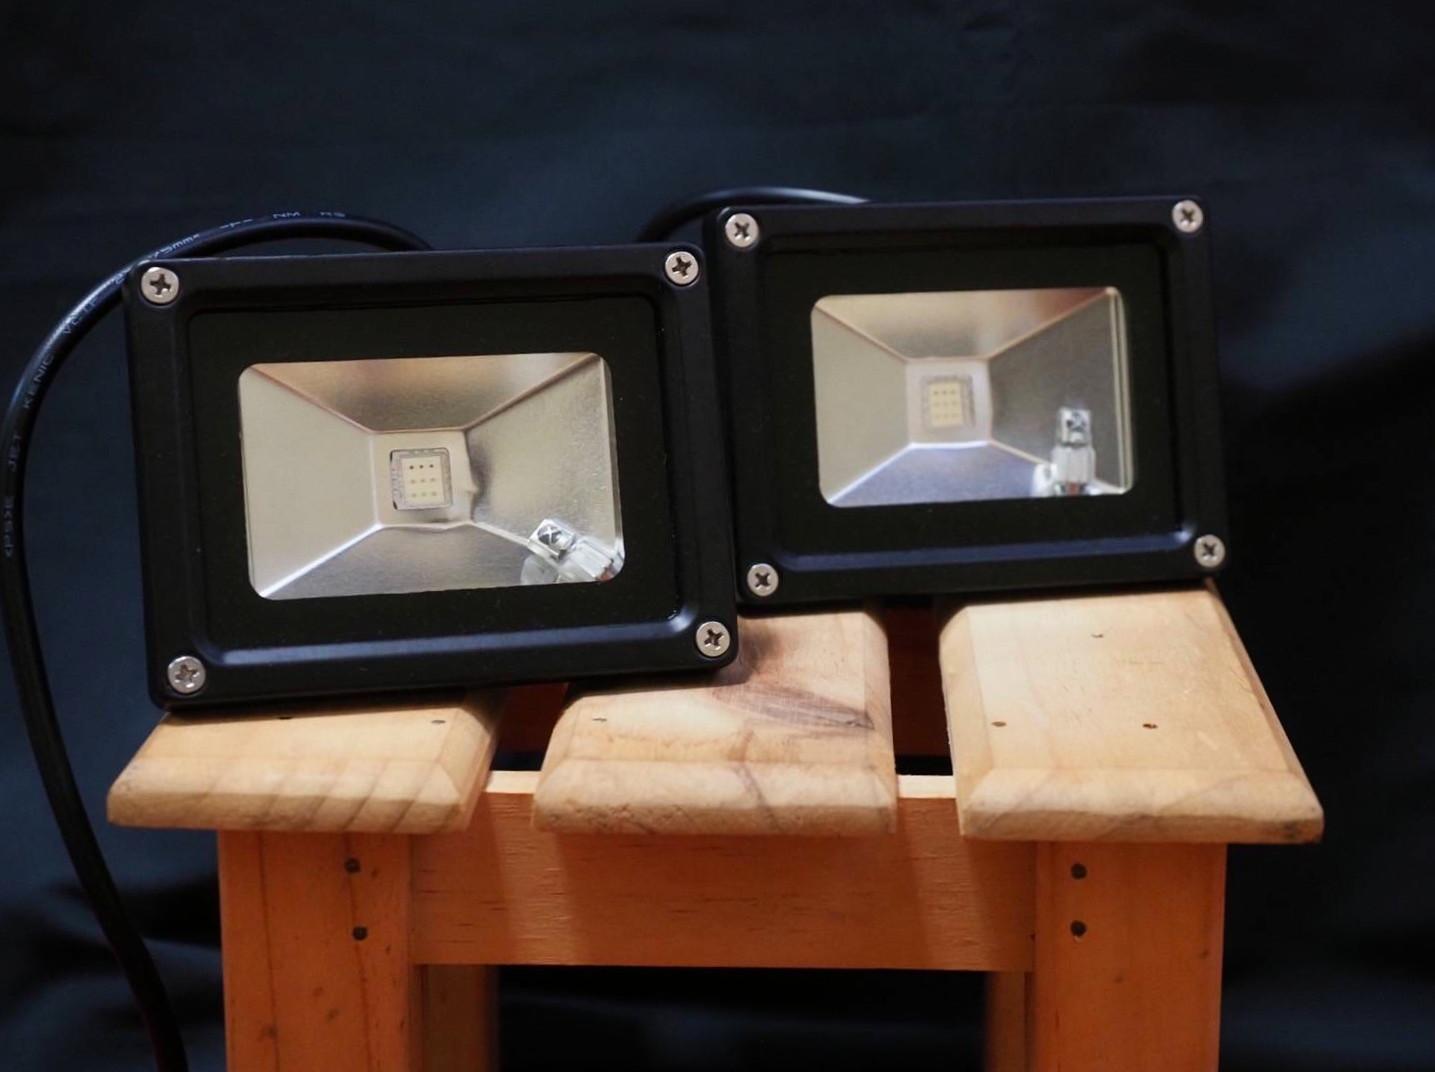 LED照明 2時間500円(2台)